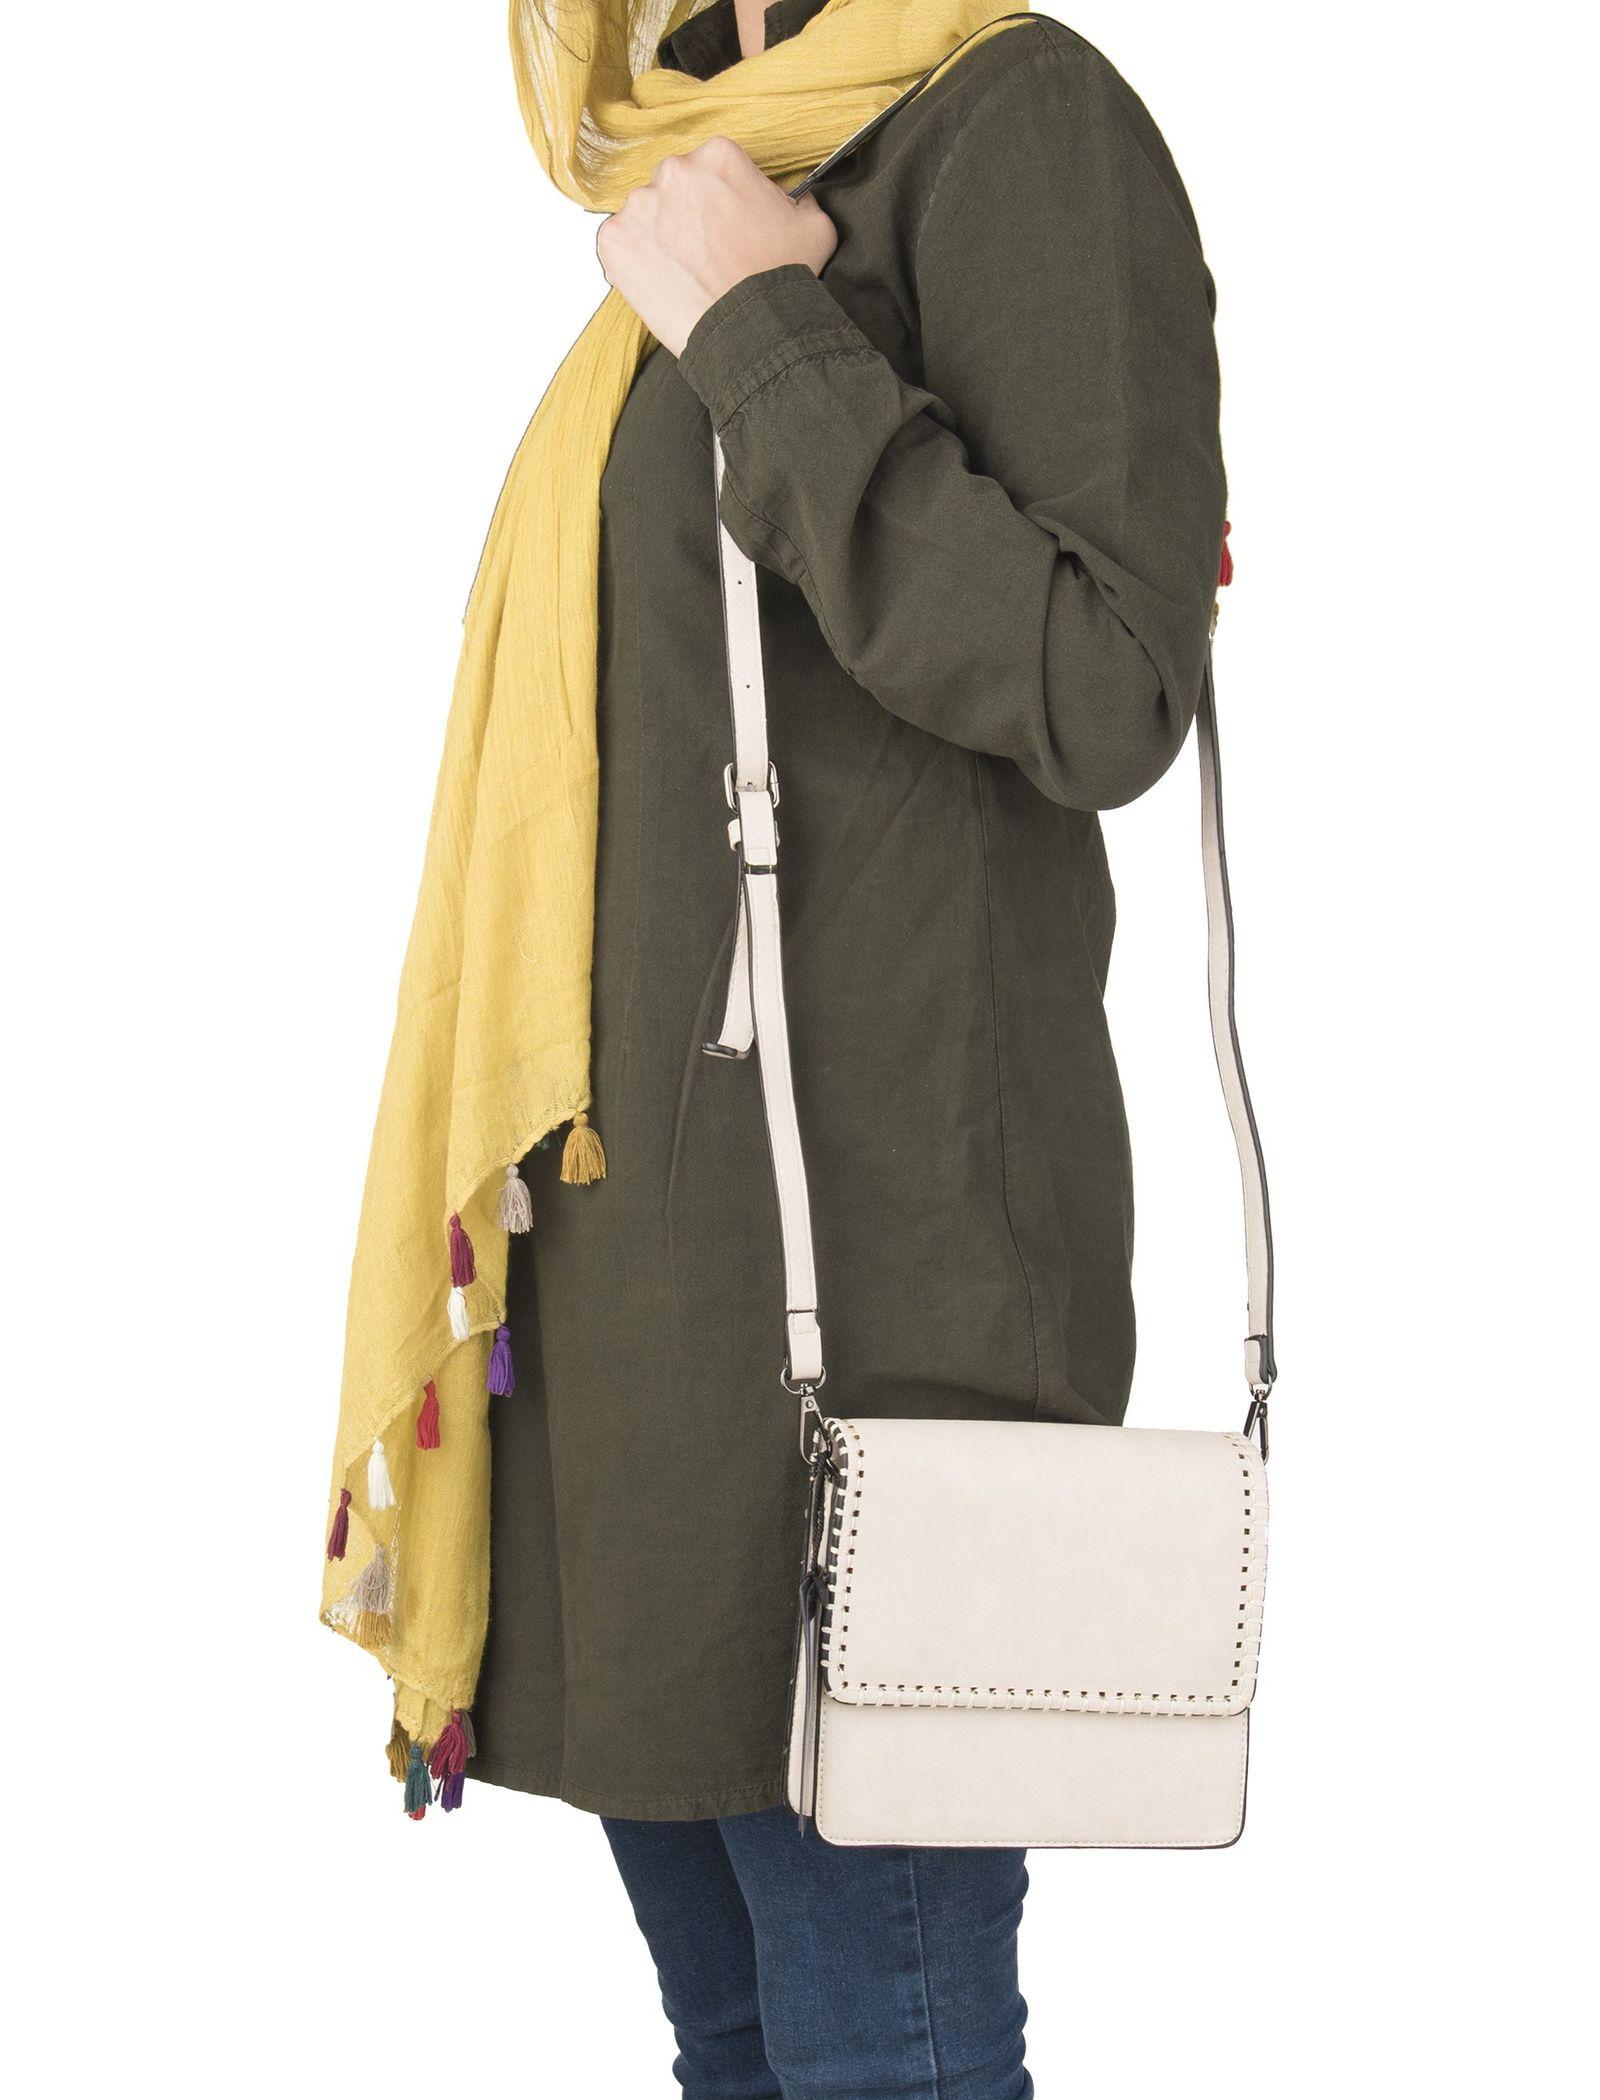 کیف دوشی روزمره زنانه - جانی اند جانی تک سایز - بژ - 4